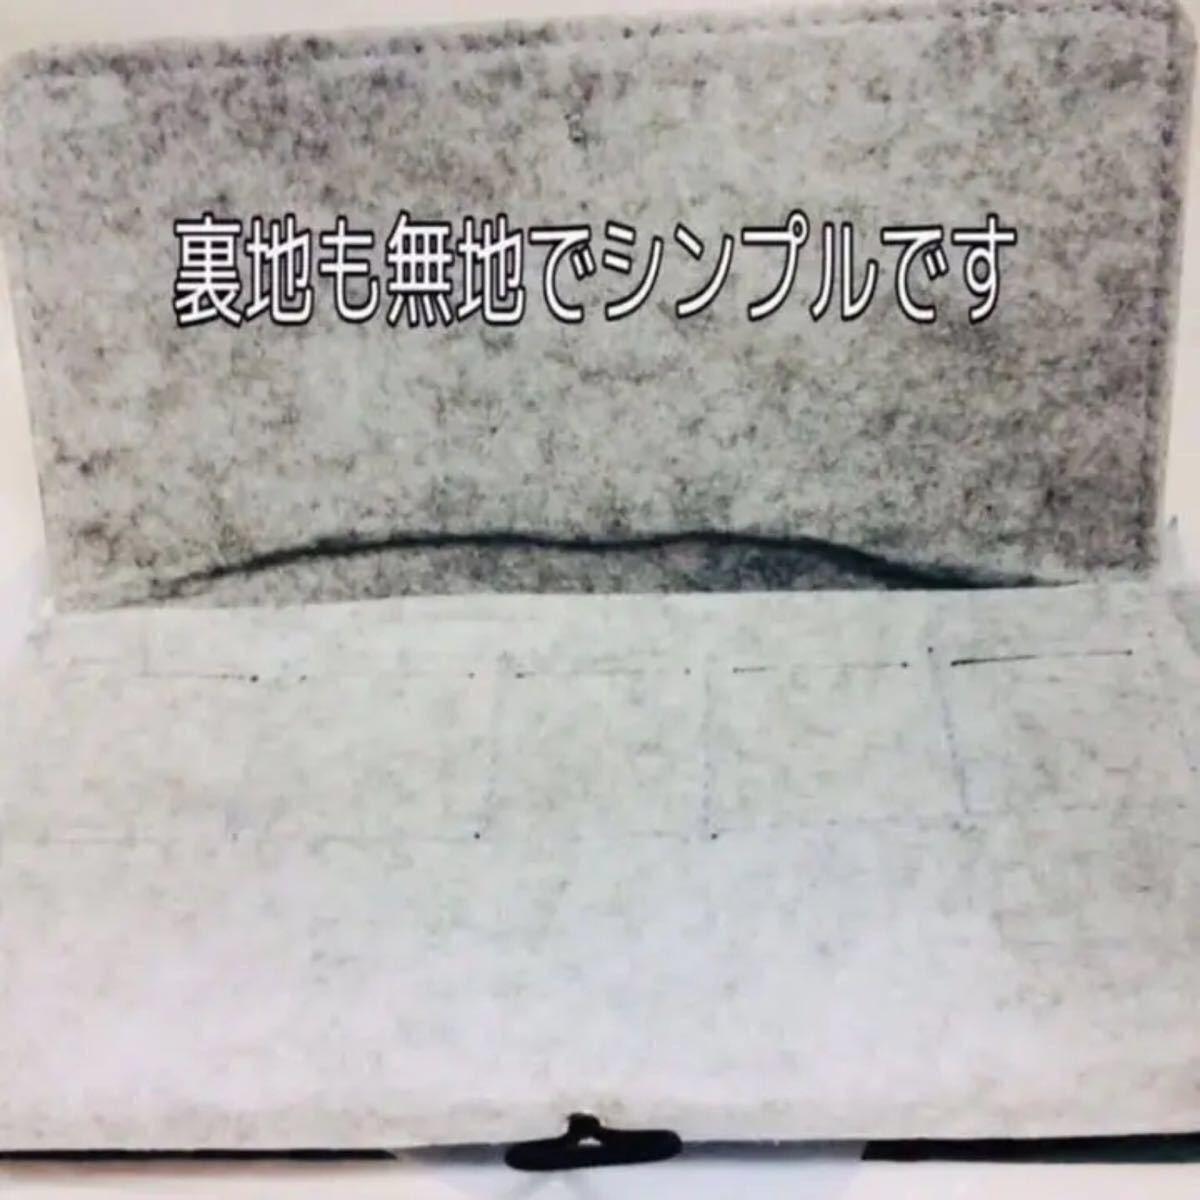 ★ ゲーム 収納 ★ Nintendo Switch 任天堂スイッチ 無地 フェルトキャリーケース 防塵 ●スイッチライト可●